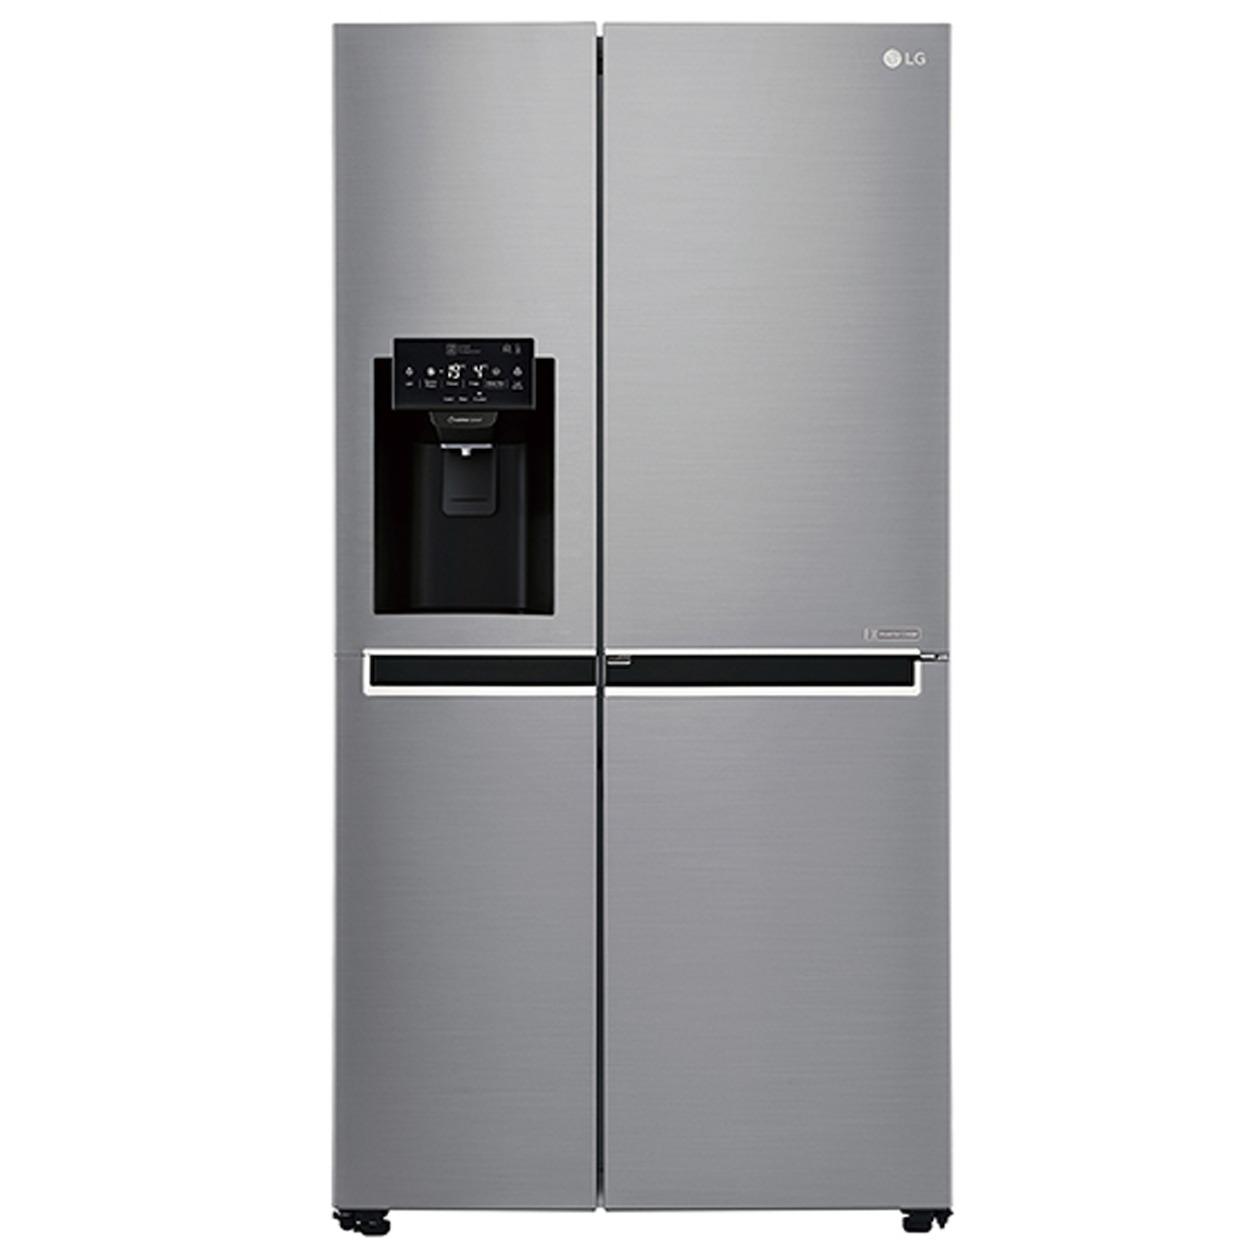 LG amerikaanse koelkast GSJ760PZUZ staal - Prijsvergelijk